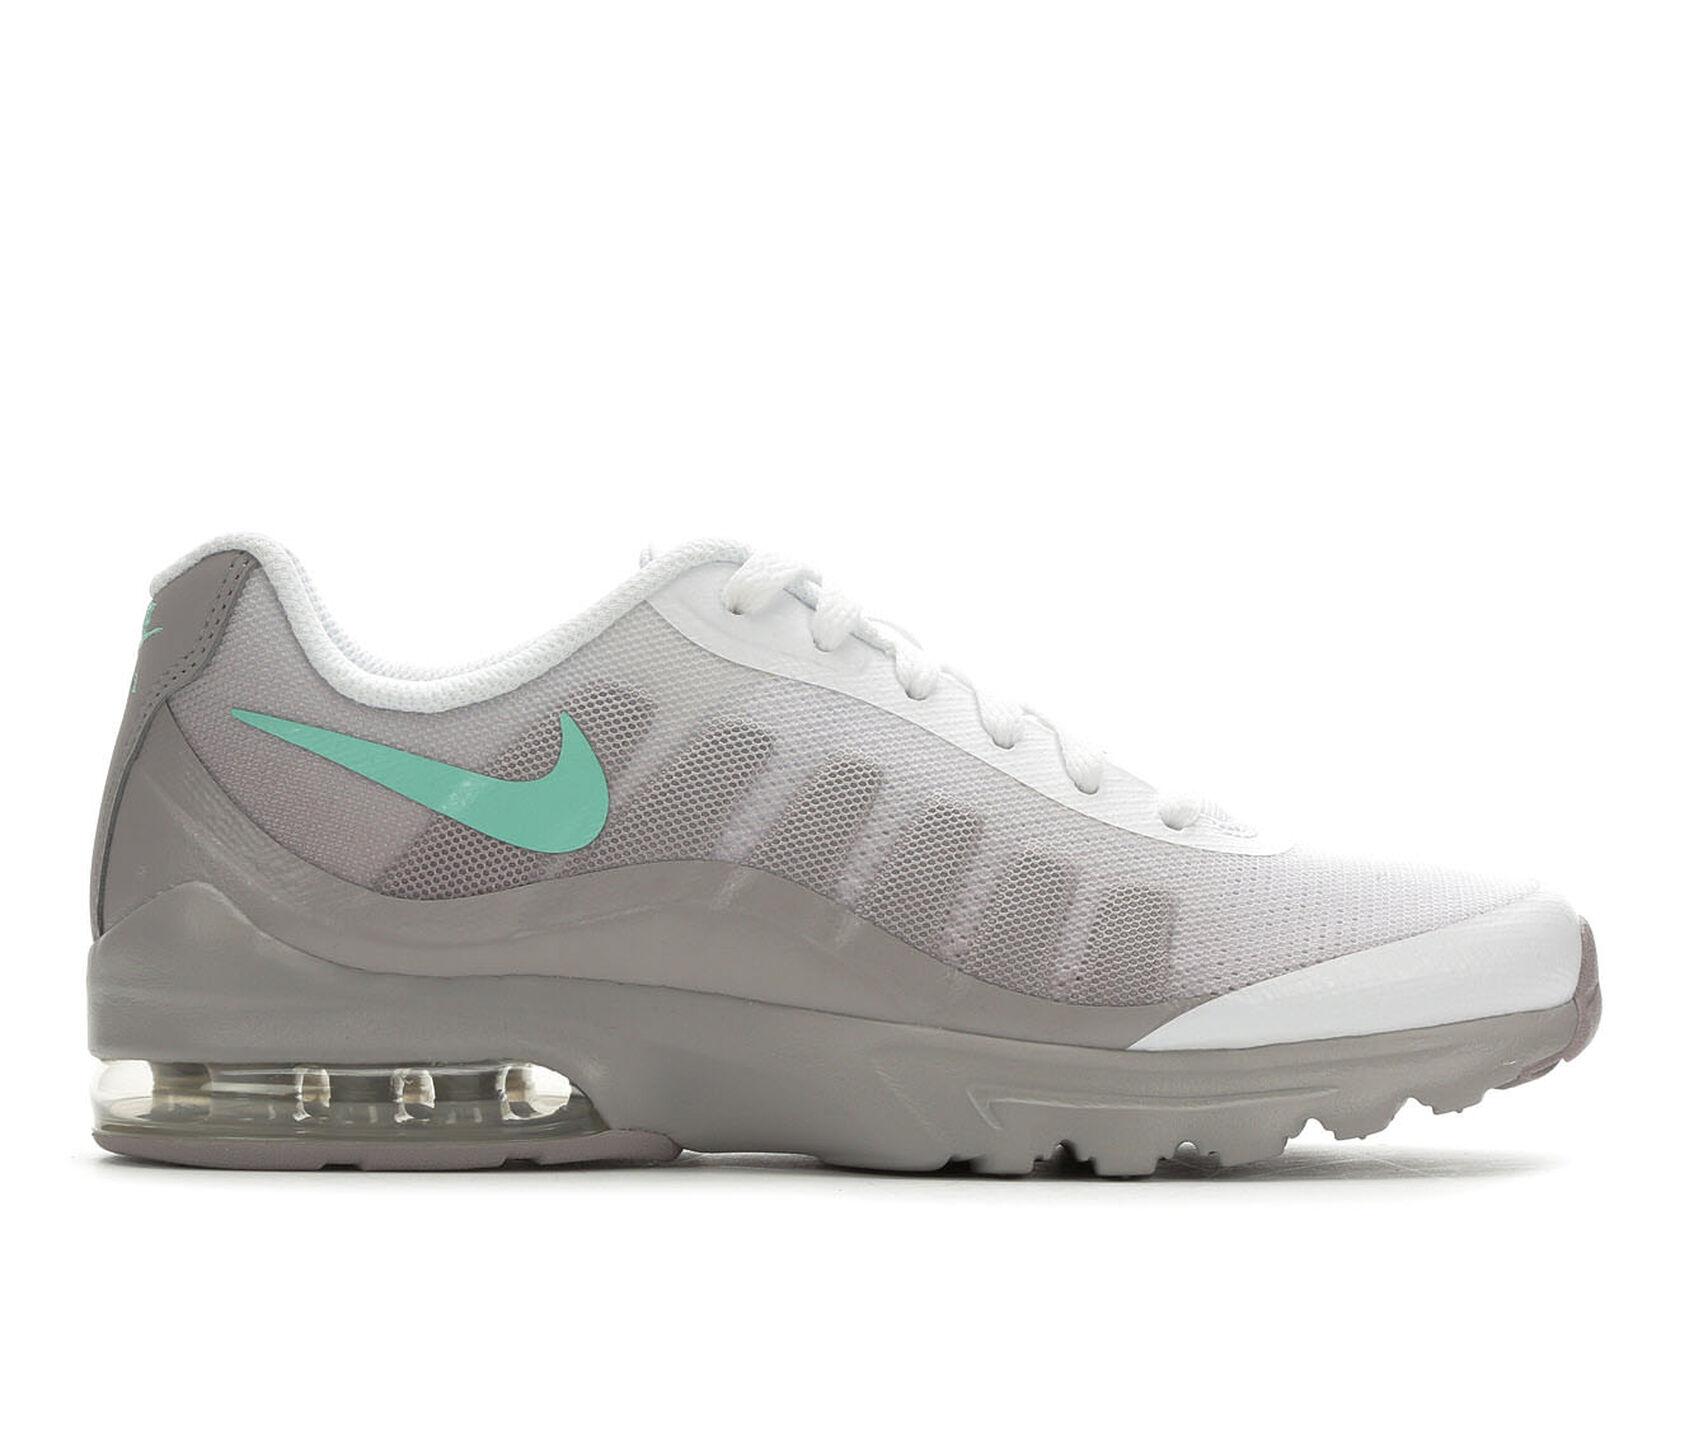 ... Nike Air Max Invigor Print Athletic Sneakers. Carousel Controls dc64ea099